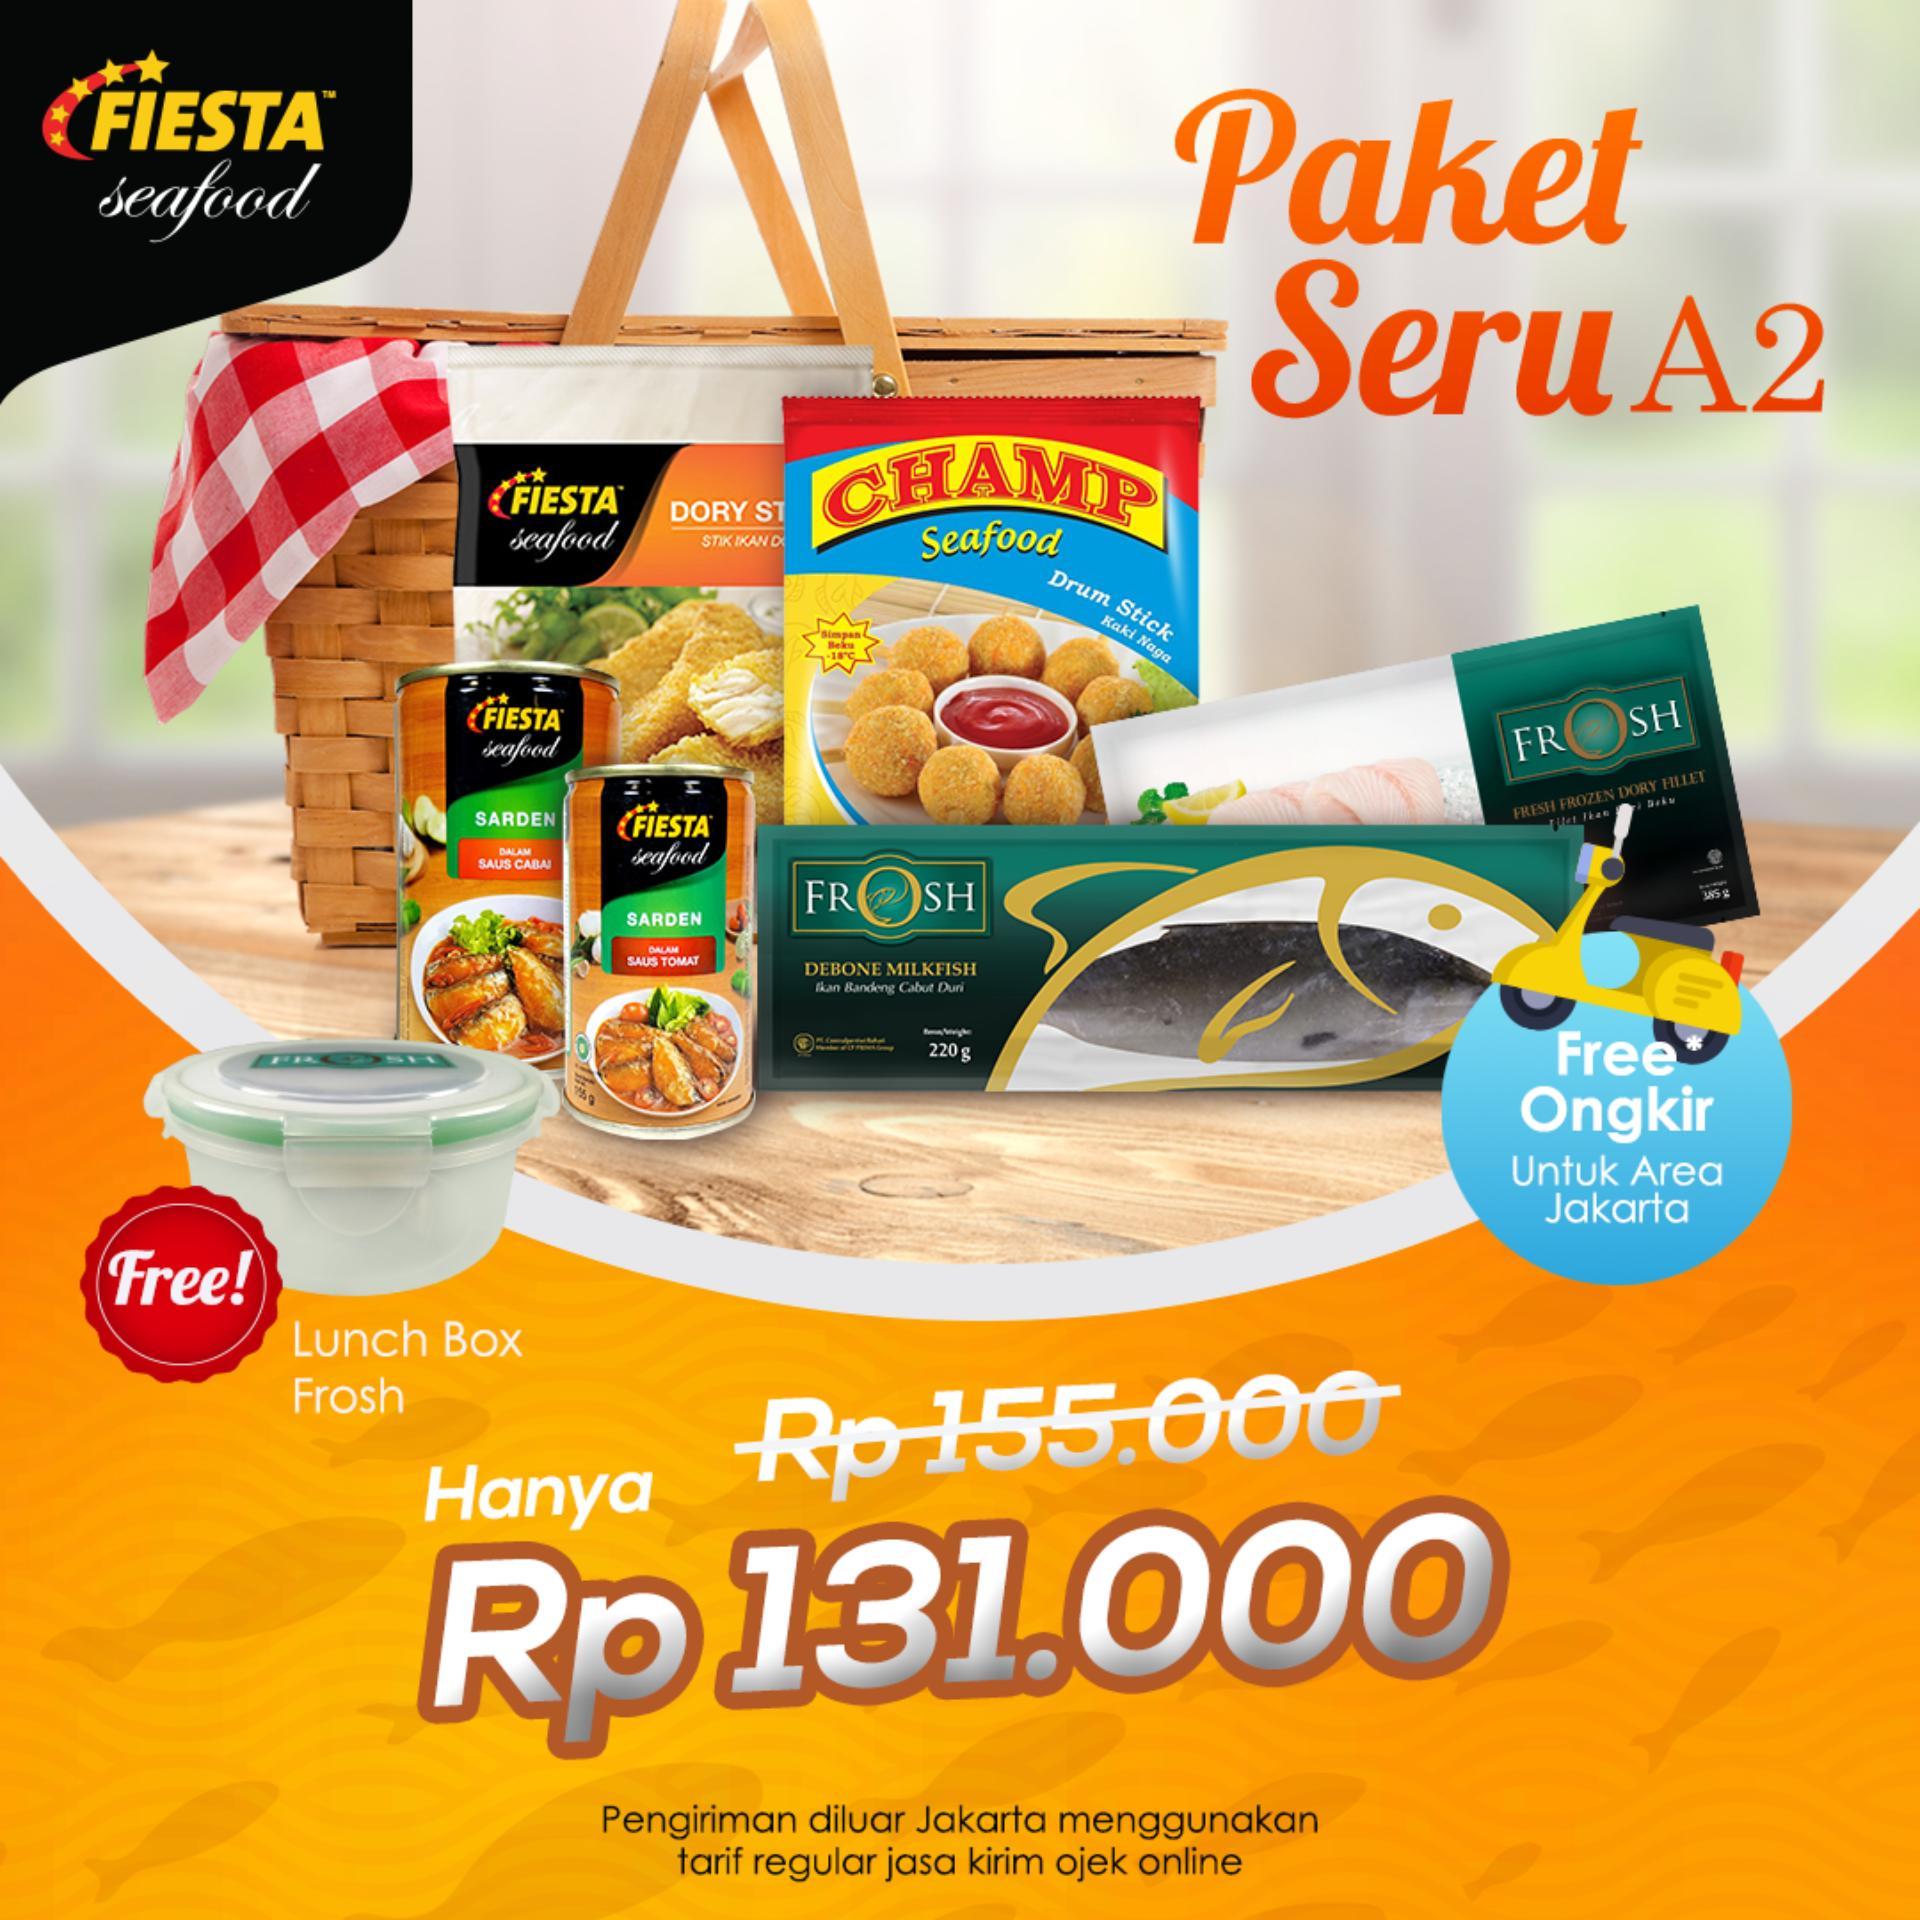 Fiesta Seafood Makarel Balado 155gr Paket Isi 17 Kaleng Daftar Produk Ukm Bumn Shifudo Bakso Ikan 500g Free Ongkir Depok Ampamp Jakarta Januari